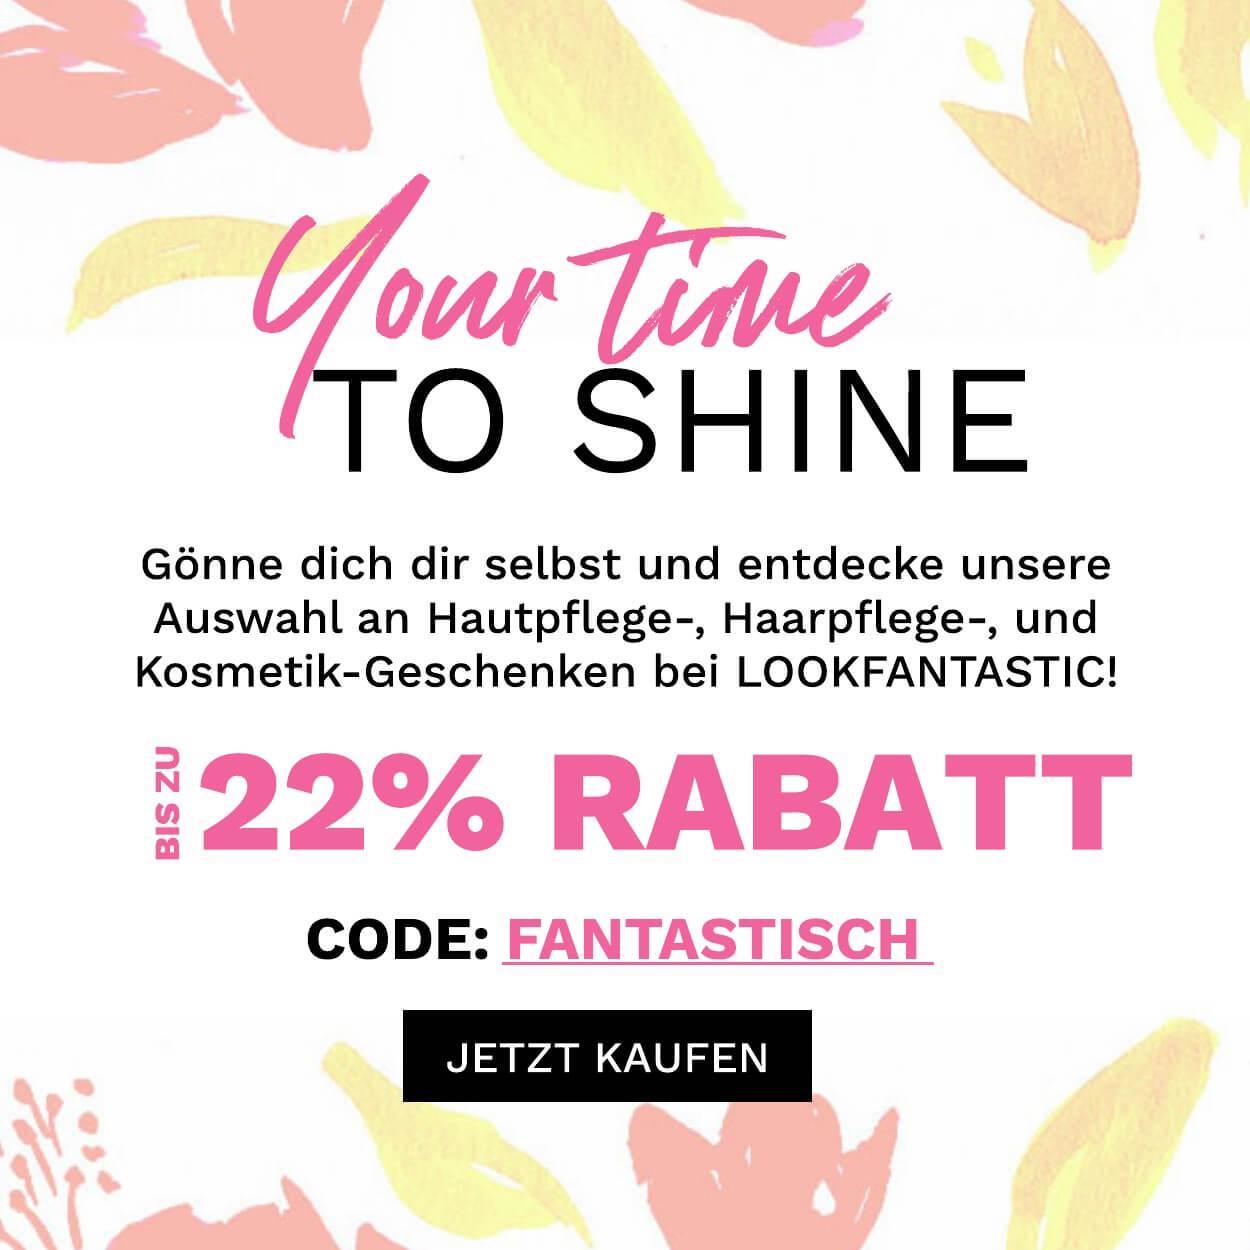 Spare bis zu 22%! Code: FANTASTISCH